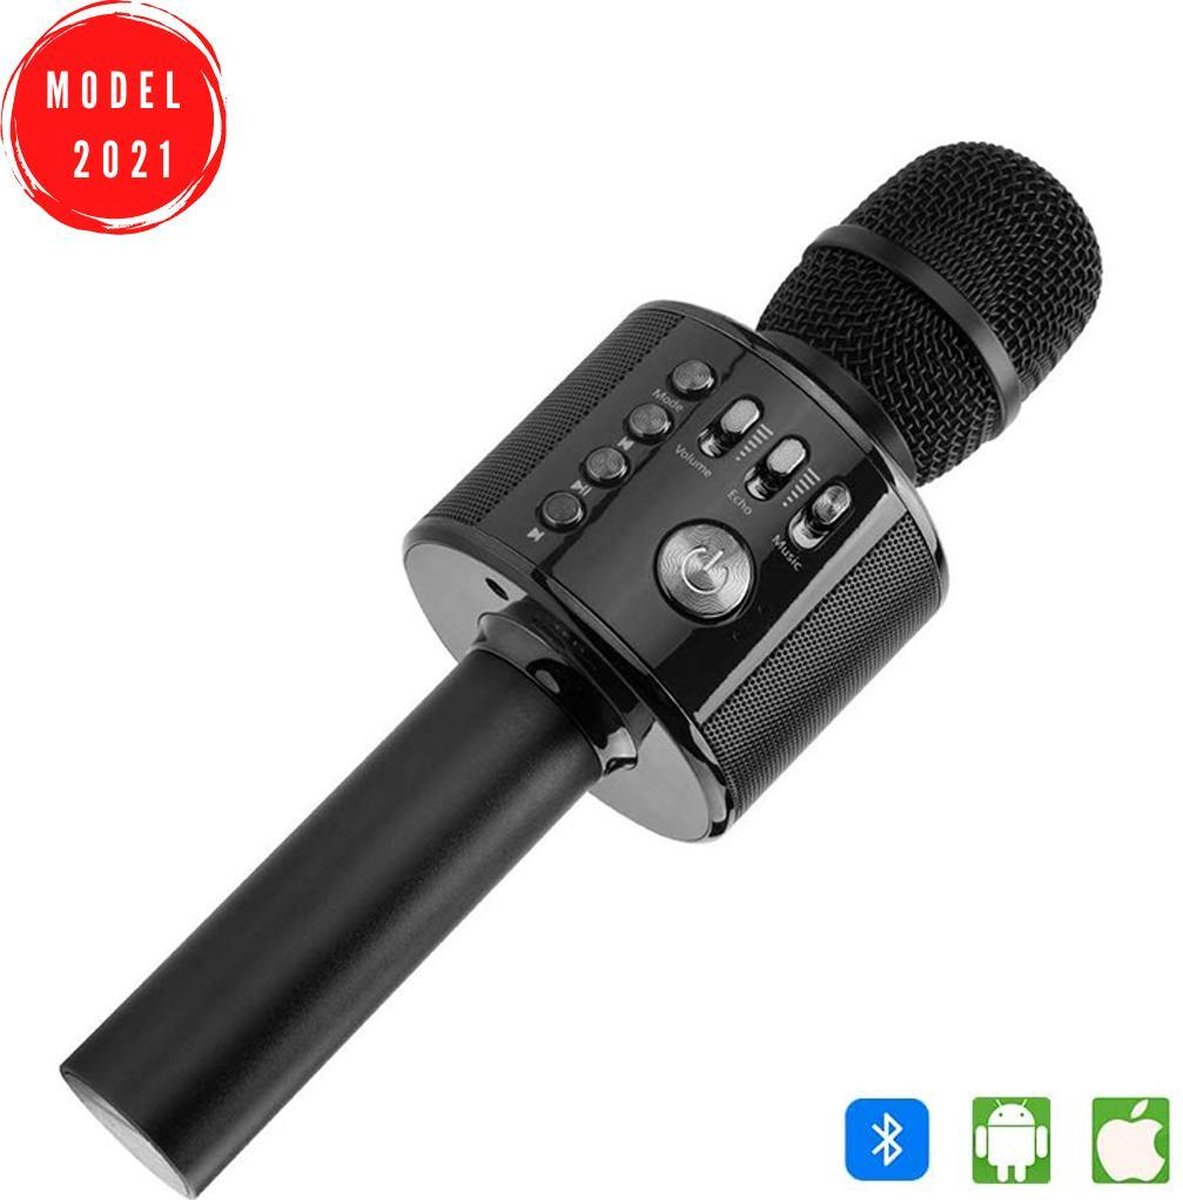 Karaoke Microfoon - Draadloos - Bluetooth Verbinding - Zwart